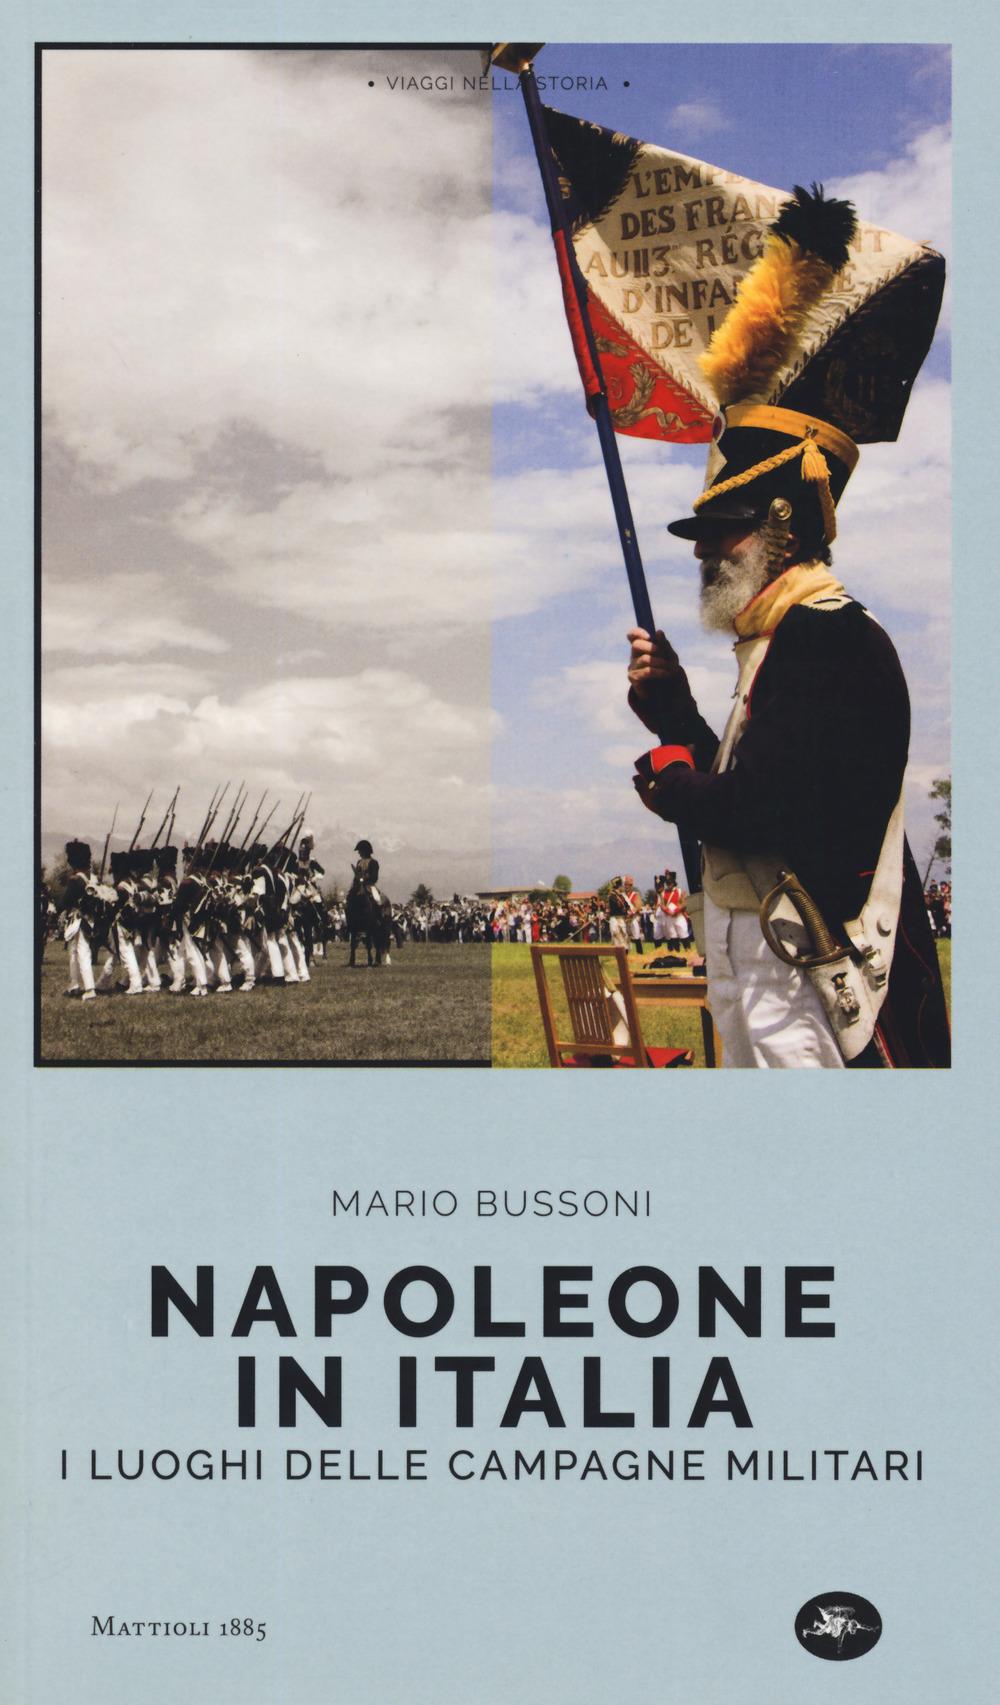 Napoleone in Italia. I luoghi delle campagne militari